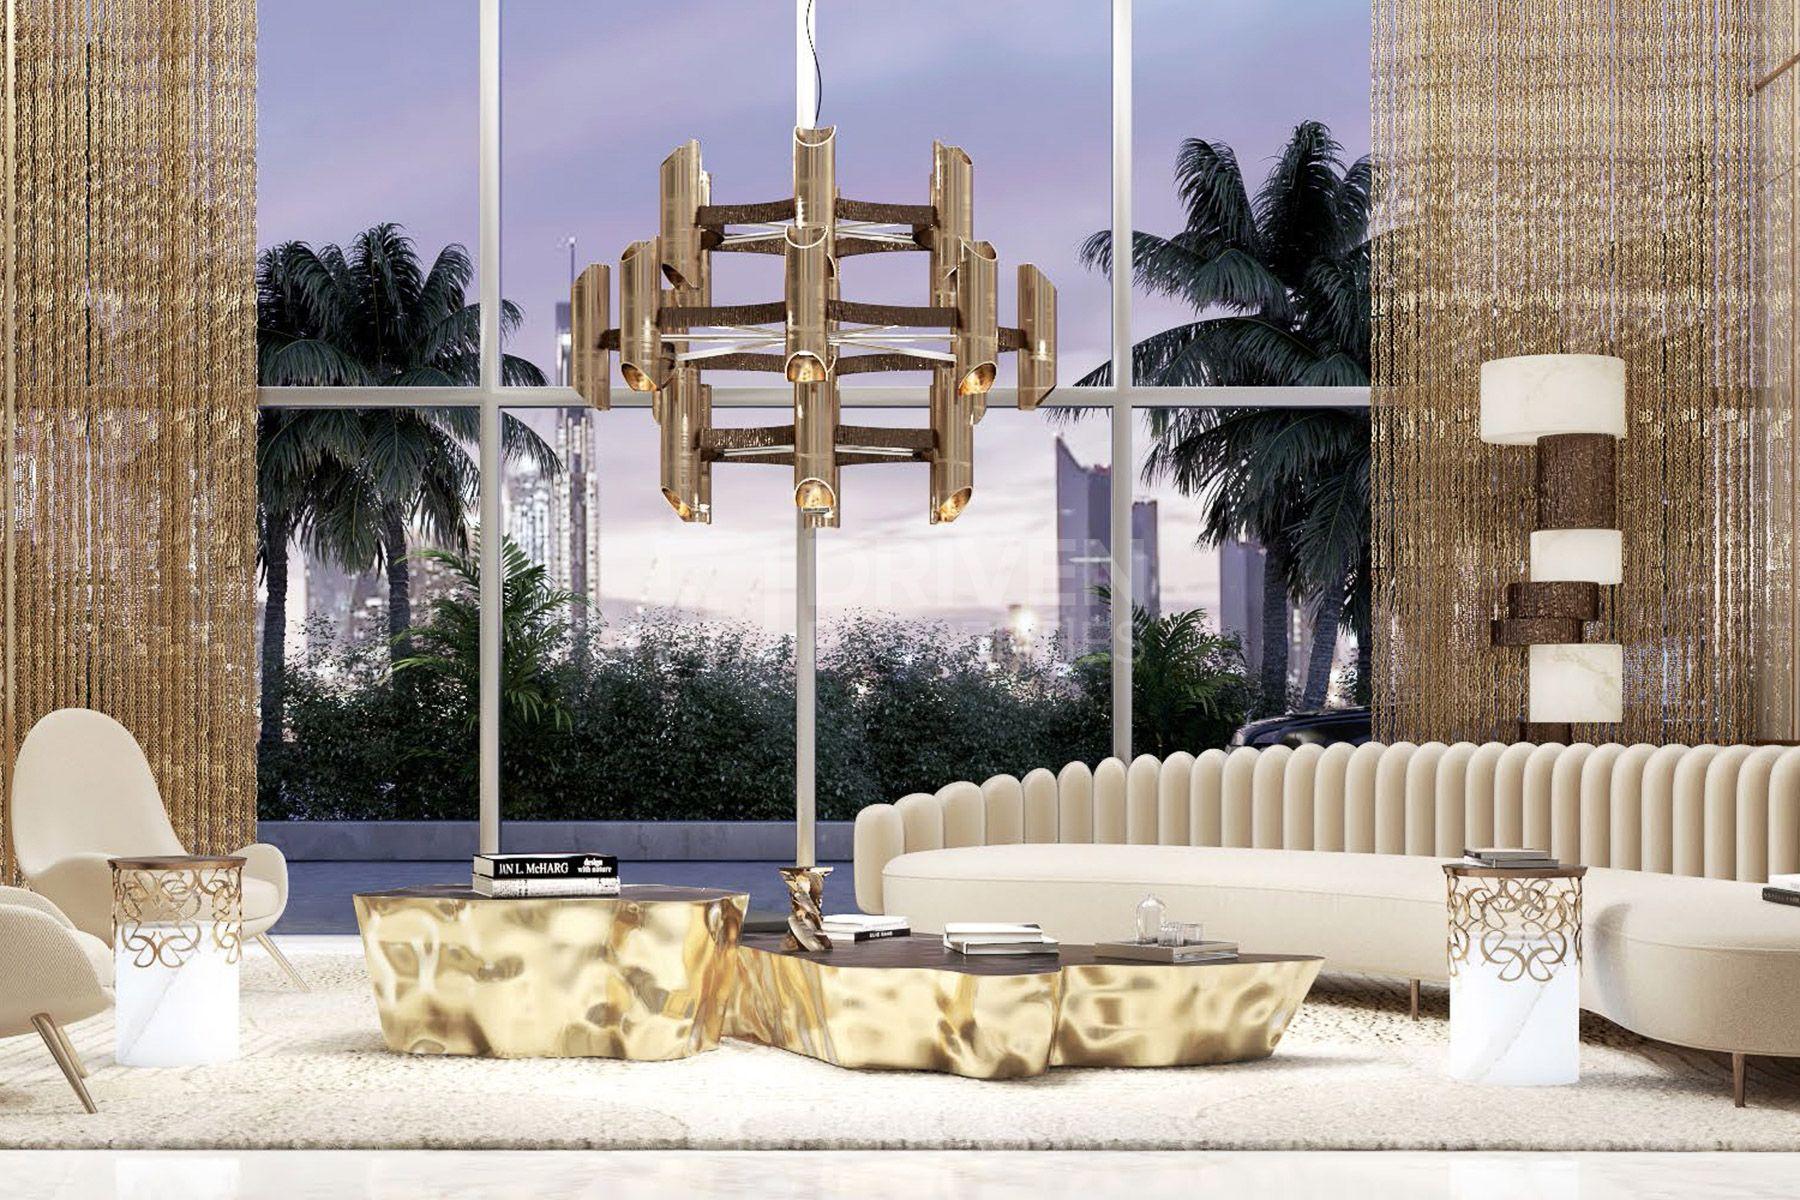 للبيع - شقة - جراند بلو تاور - دبي هاربور